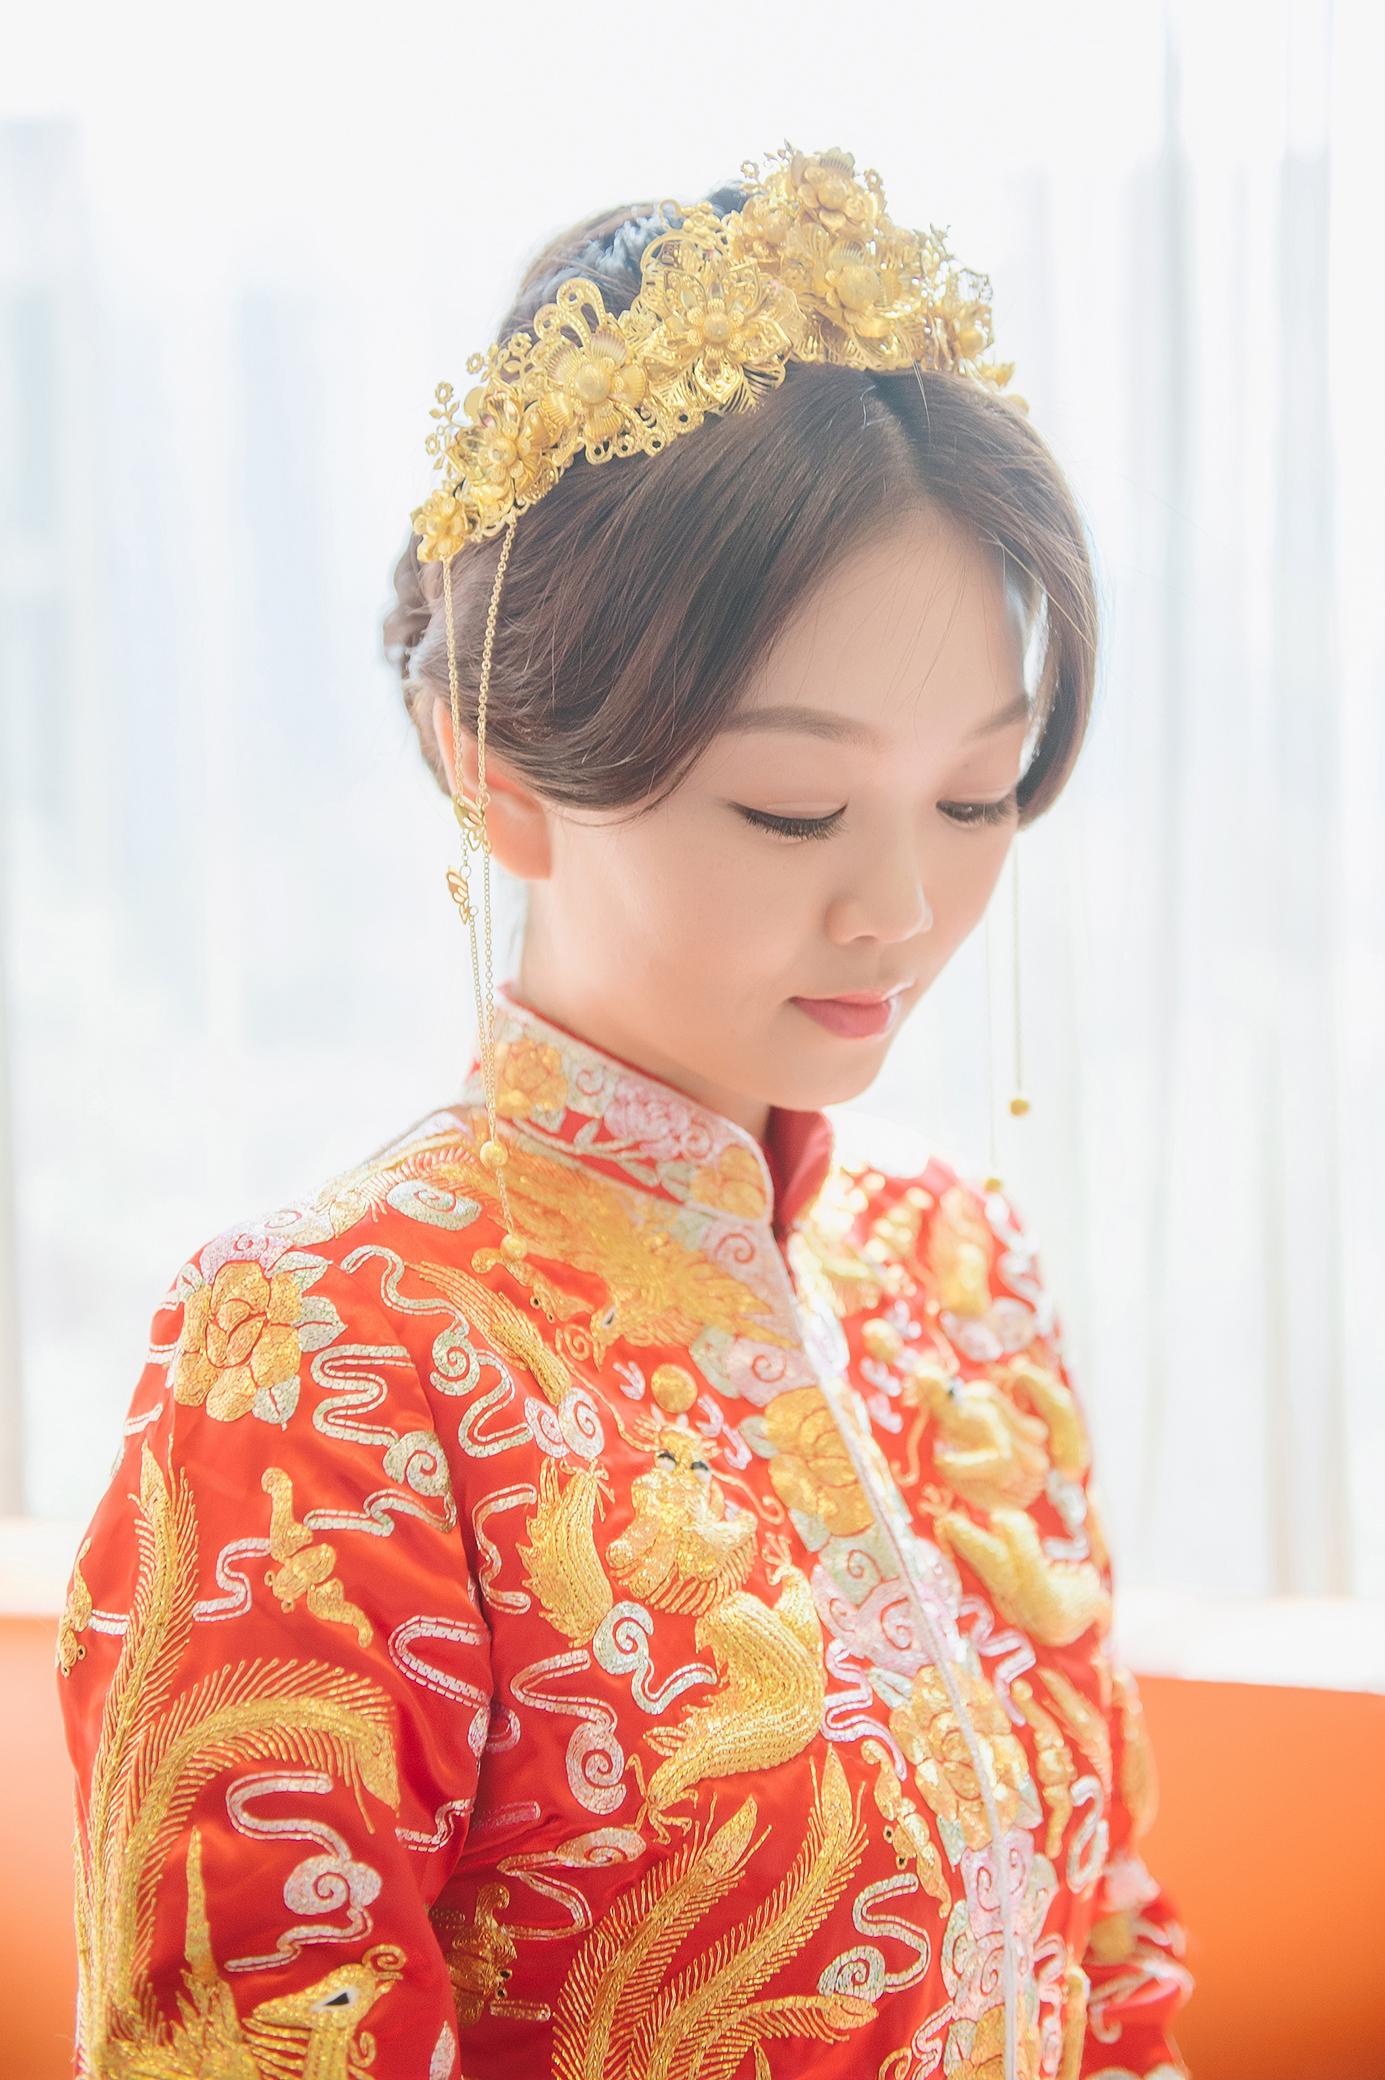 nickchang-wedding-%e5%af%92%e8%88%8d%e8%89%be%e9%ba%97-fineart-7